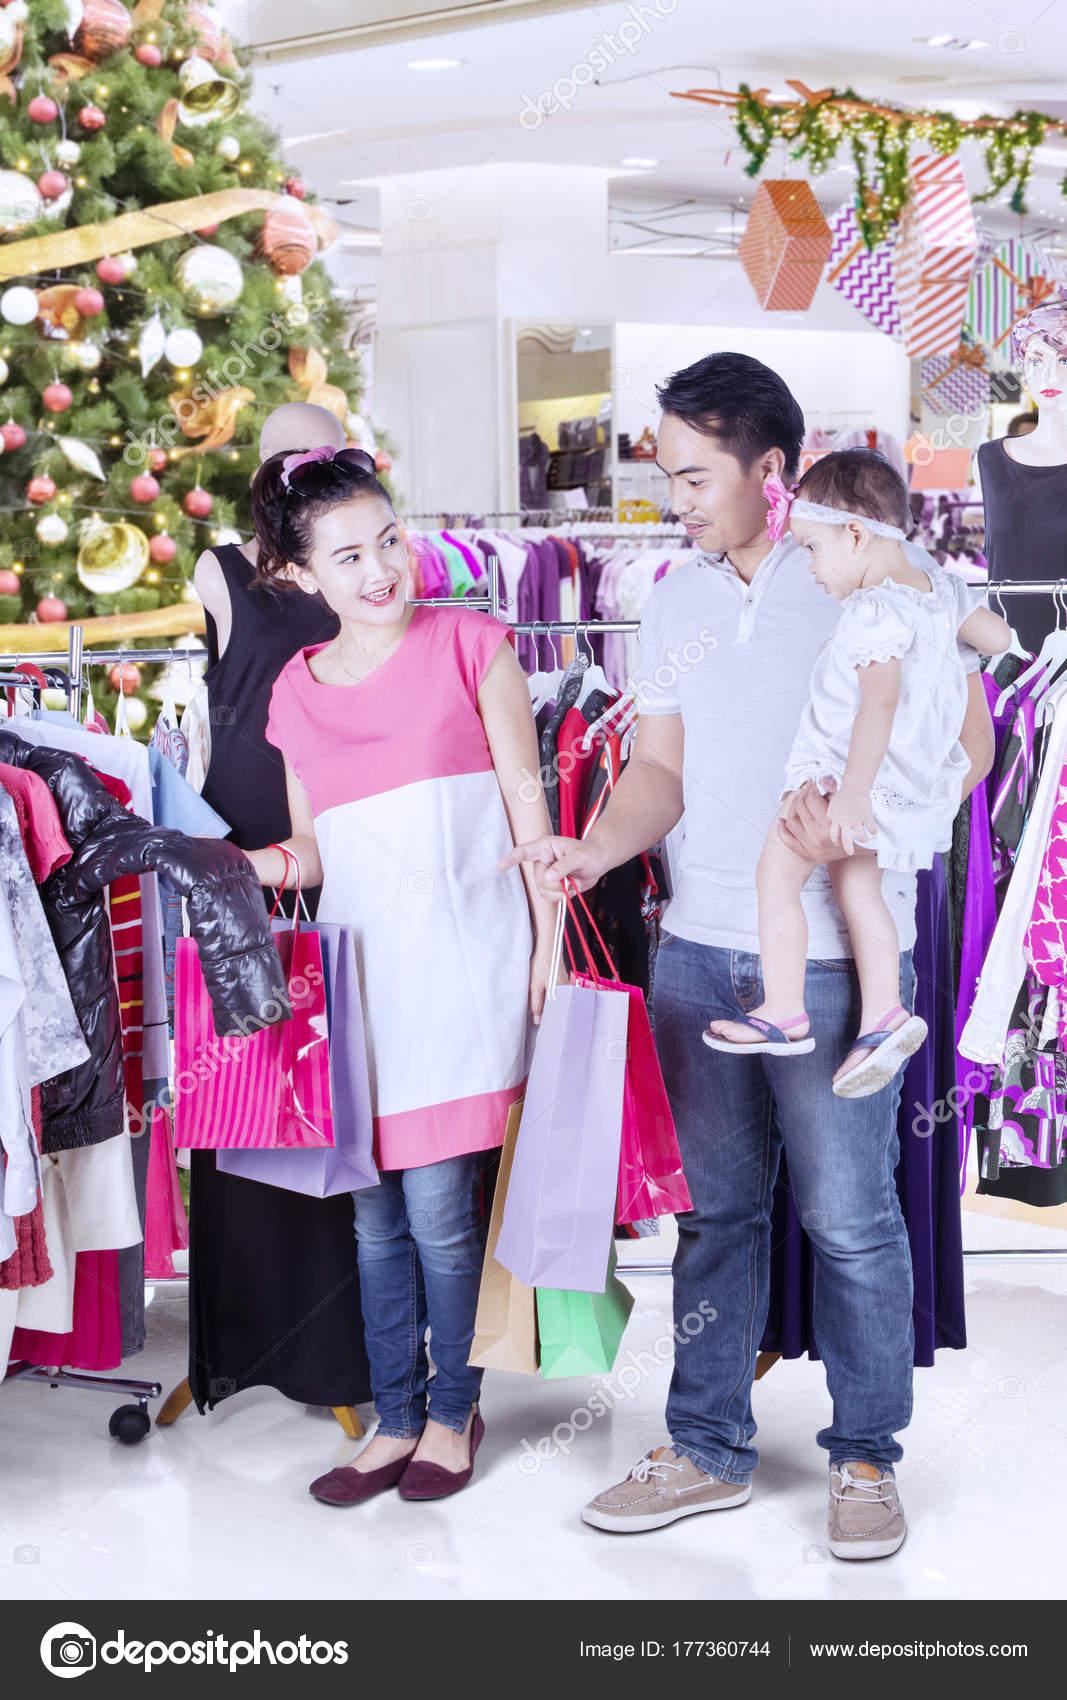 422b54f8a4c1 Νεαρή οικογένεια επιλέγουν ρούχα στο πολυκατάστημα — Φωτογραφία Αρχείου